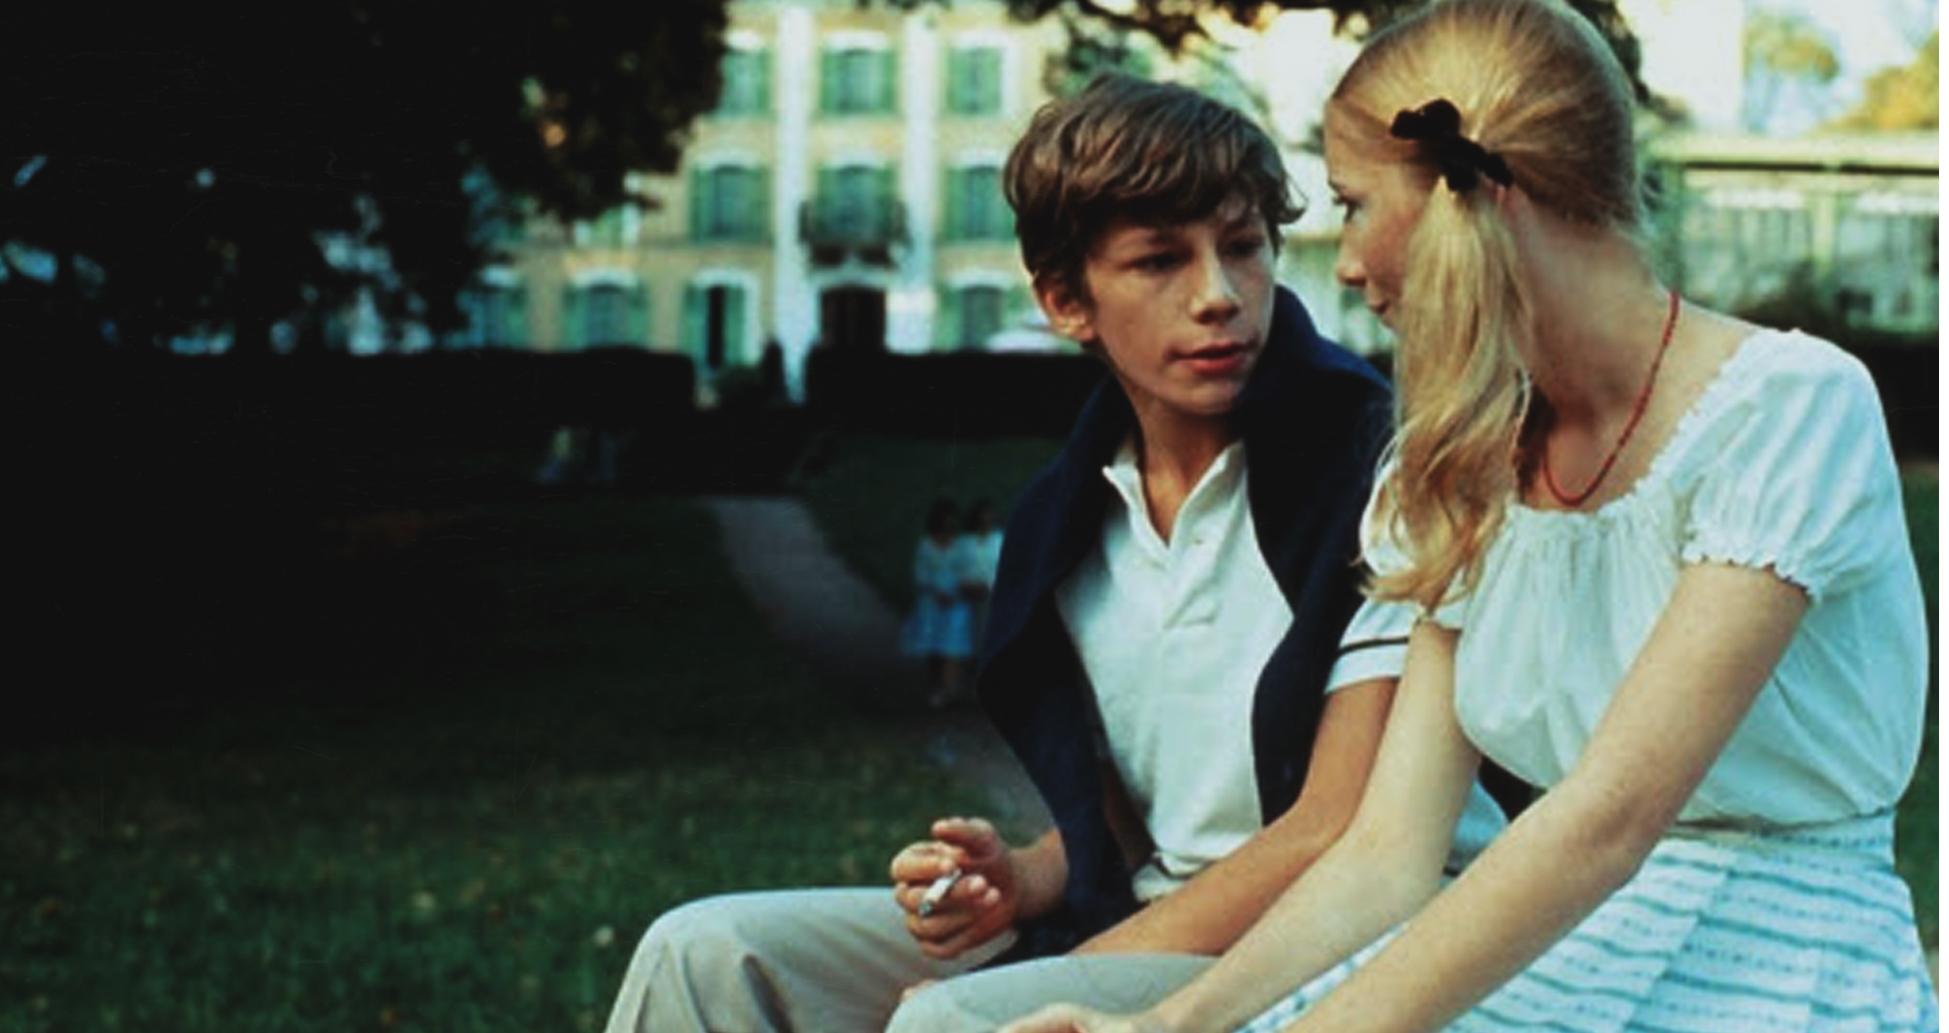 Las 50 mejores películas sobre adolescentes - Búfalo Magazine